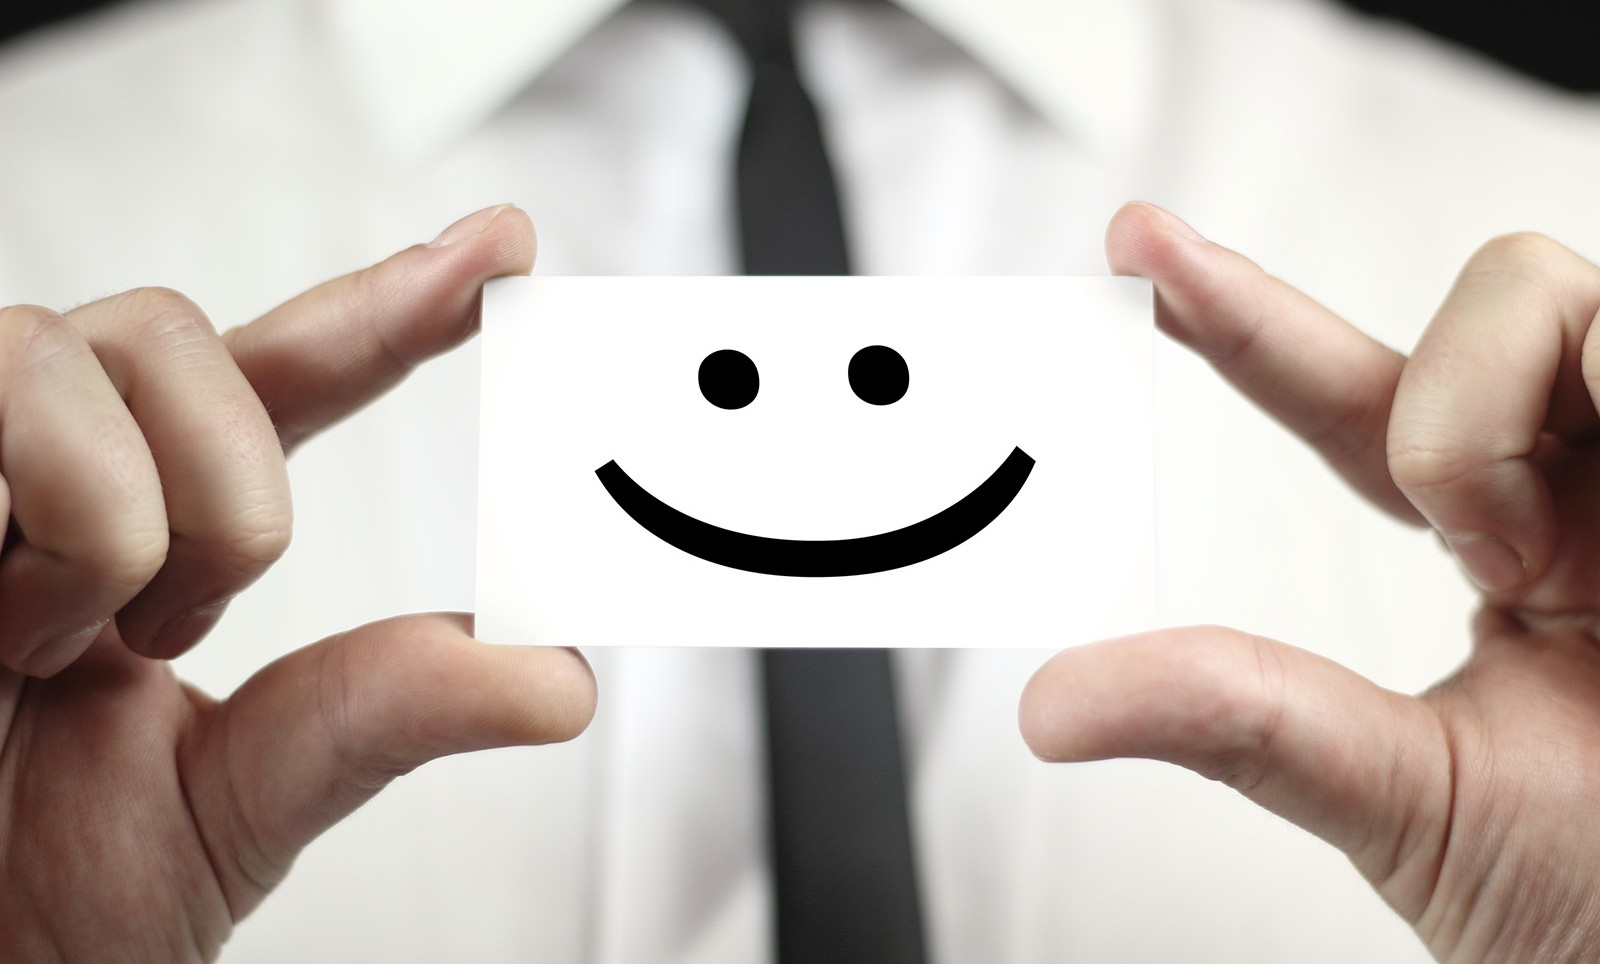 Müşterilerinizi Mutlu Tutabilmeniz İçin Öneriler: Bölüm 1